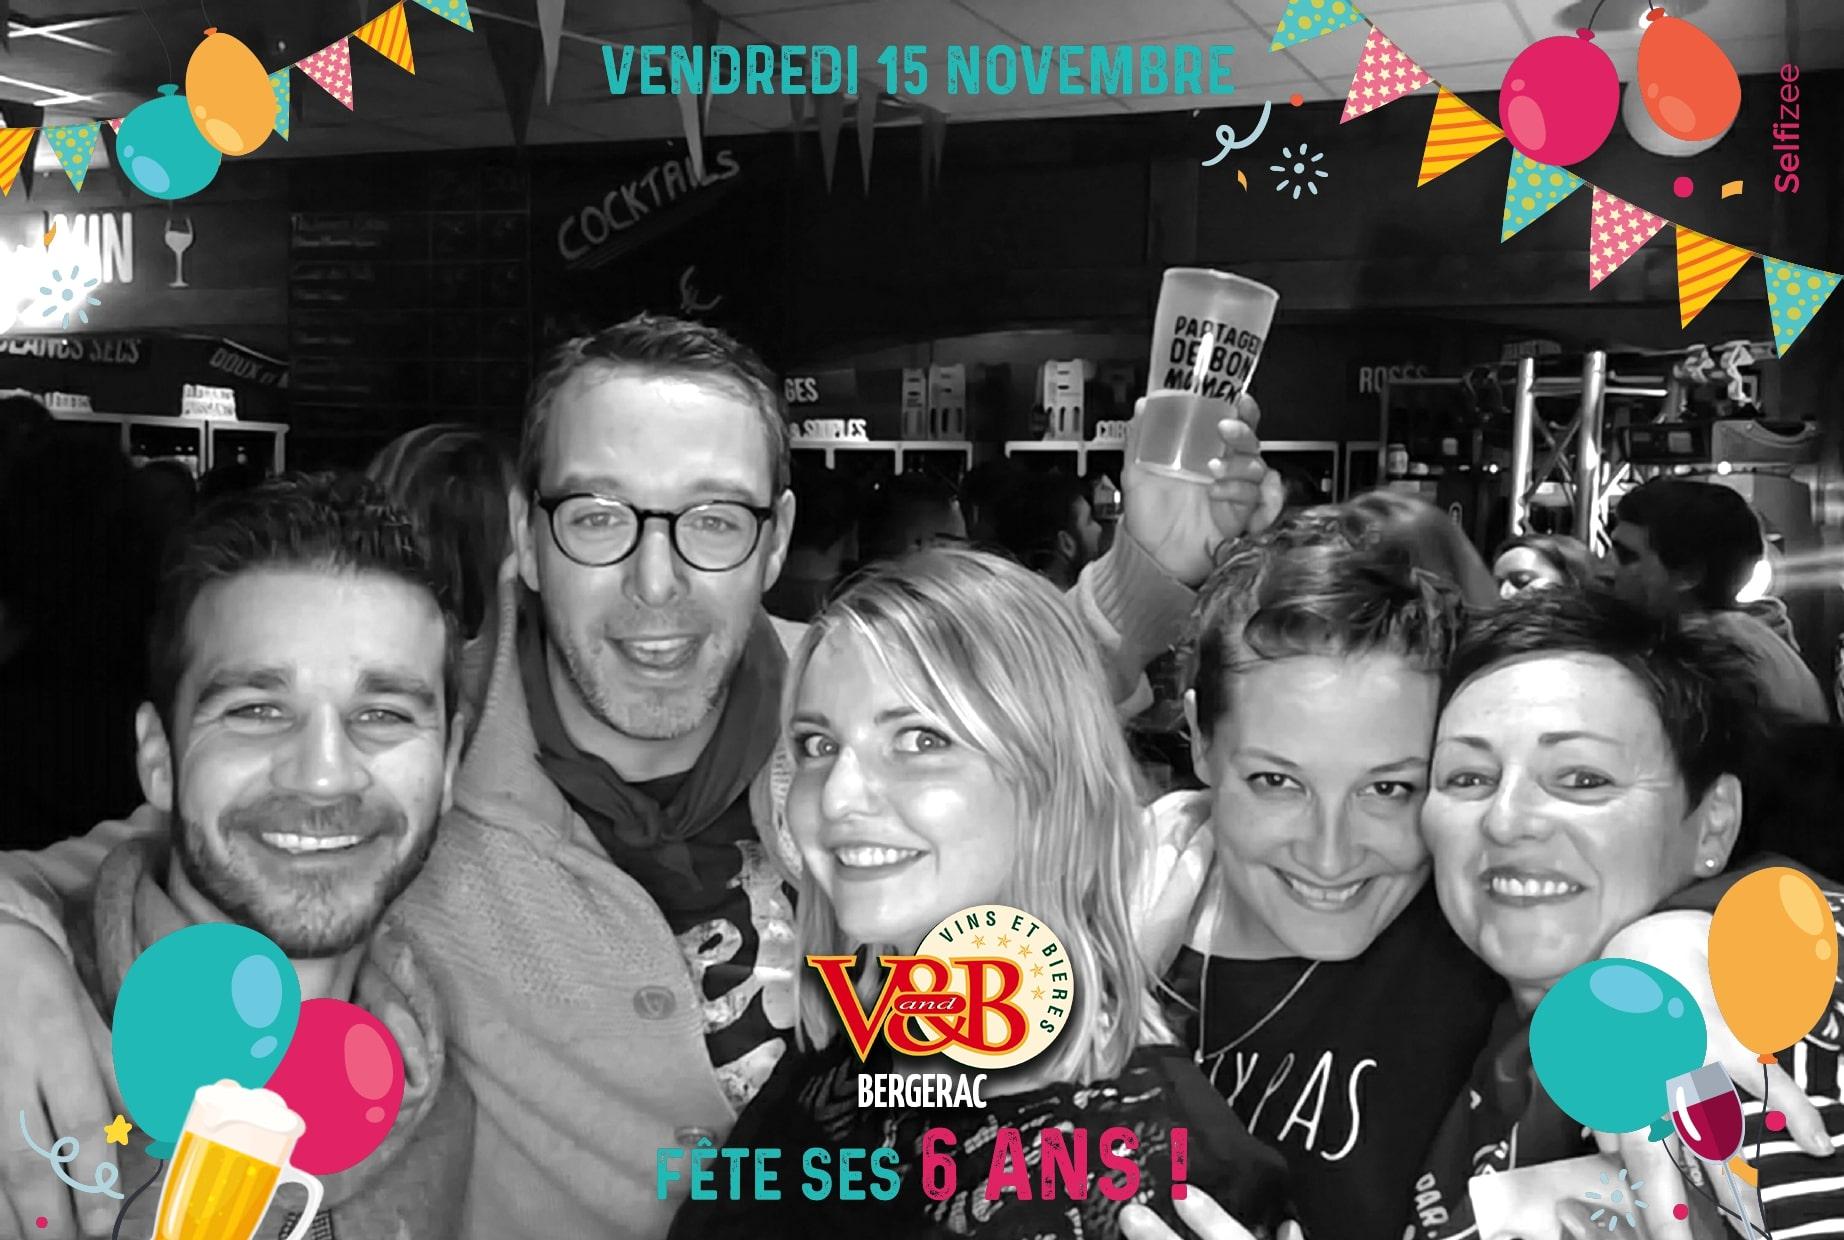 Séance selfies avec borne photo connectée animation anniversaire V and B Bergerac 2019 - photobooth à louer en Dordogne avec impressions photos